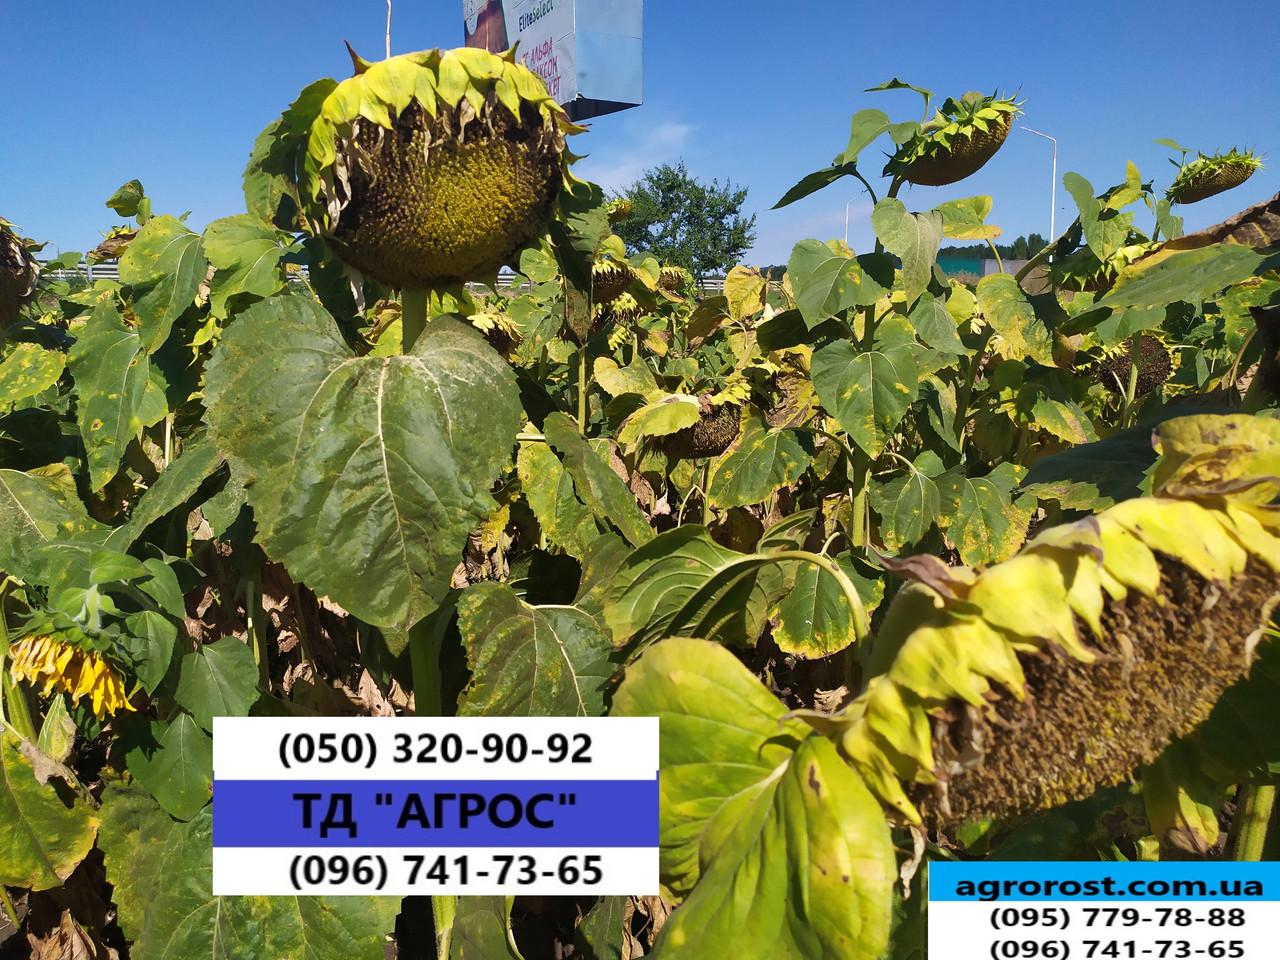 Соняшник ЄС БЕРЕКЕТ під ЄвролайтІнг стійкий до хвороб та посухи. Врожайний 42ц/га. Стандарт